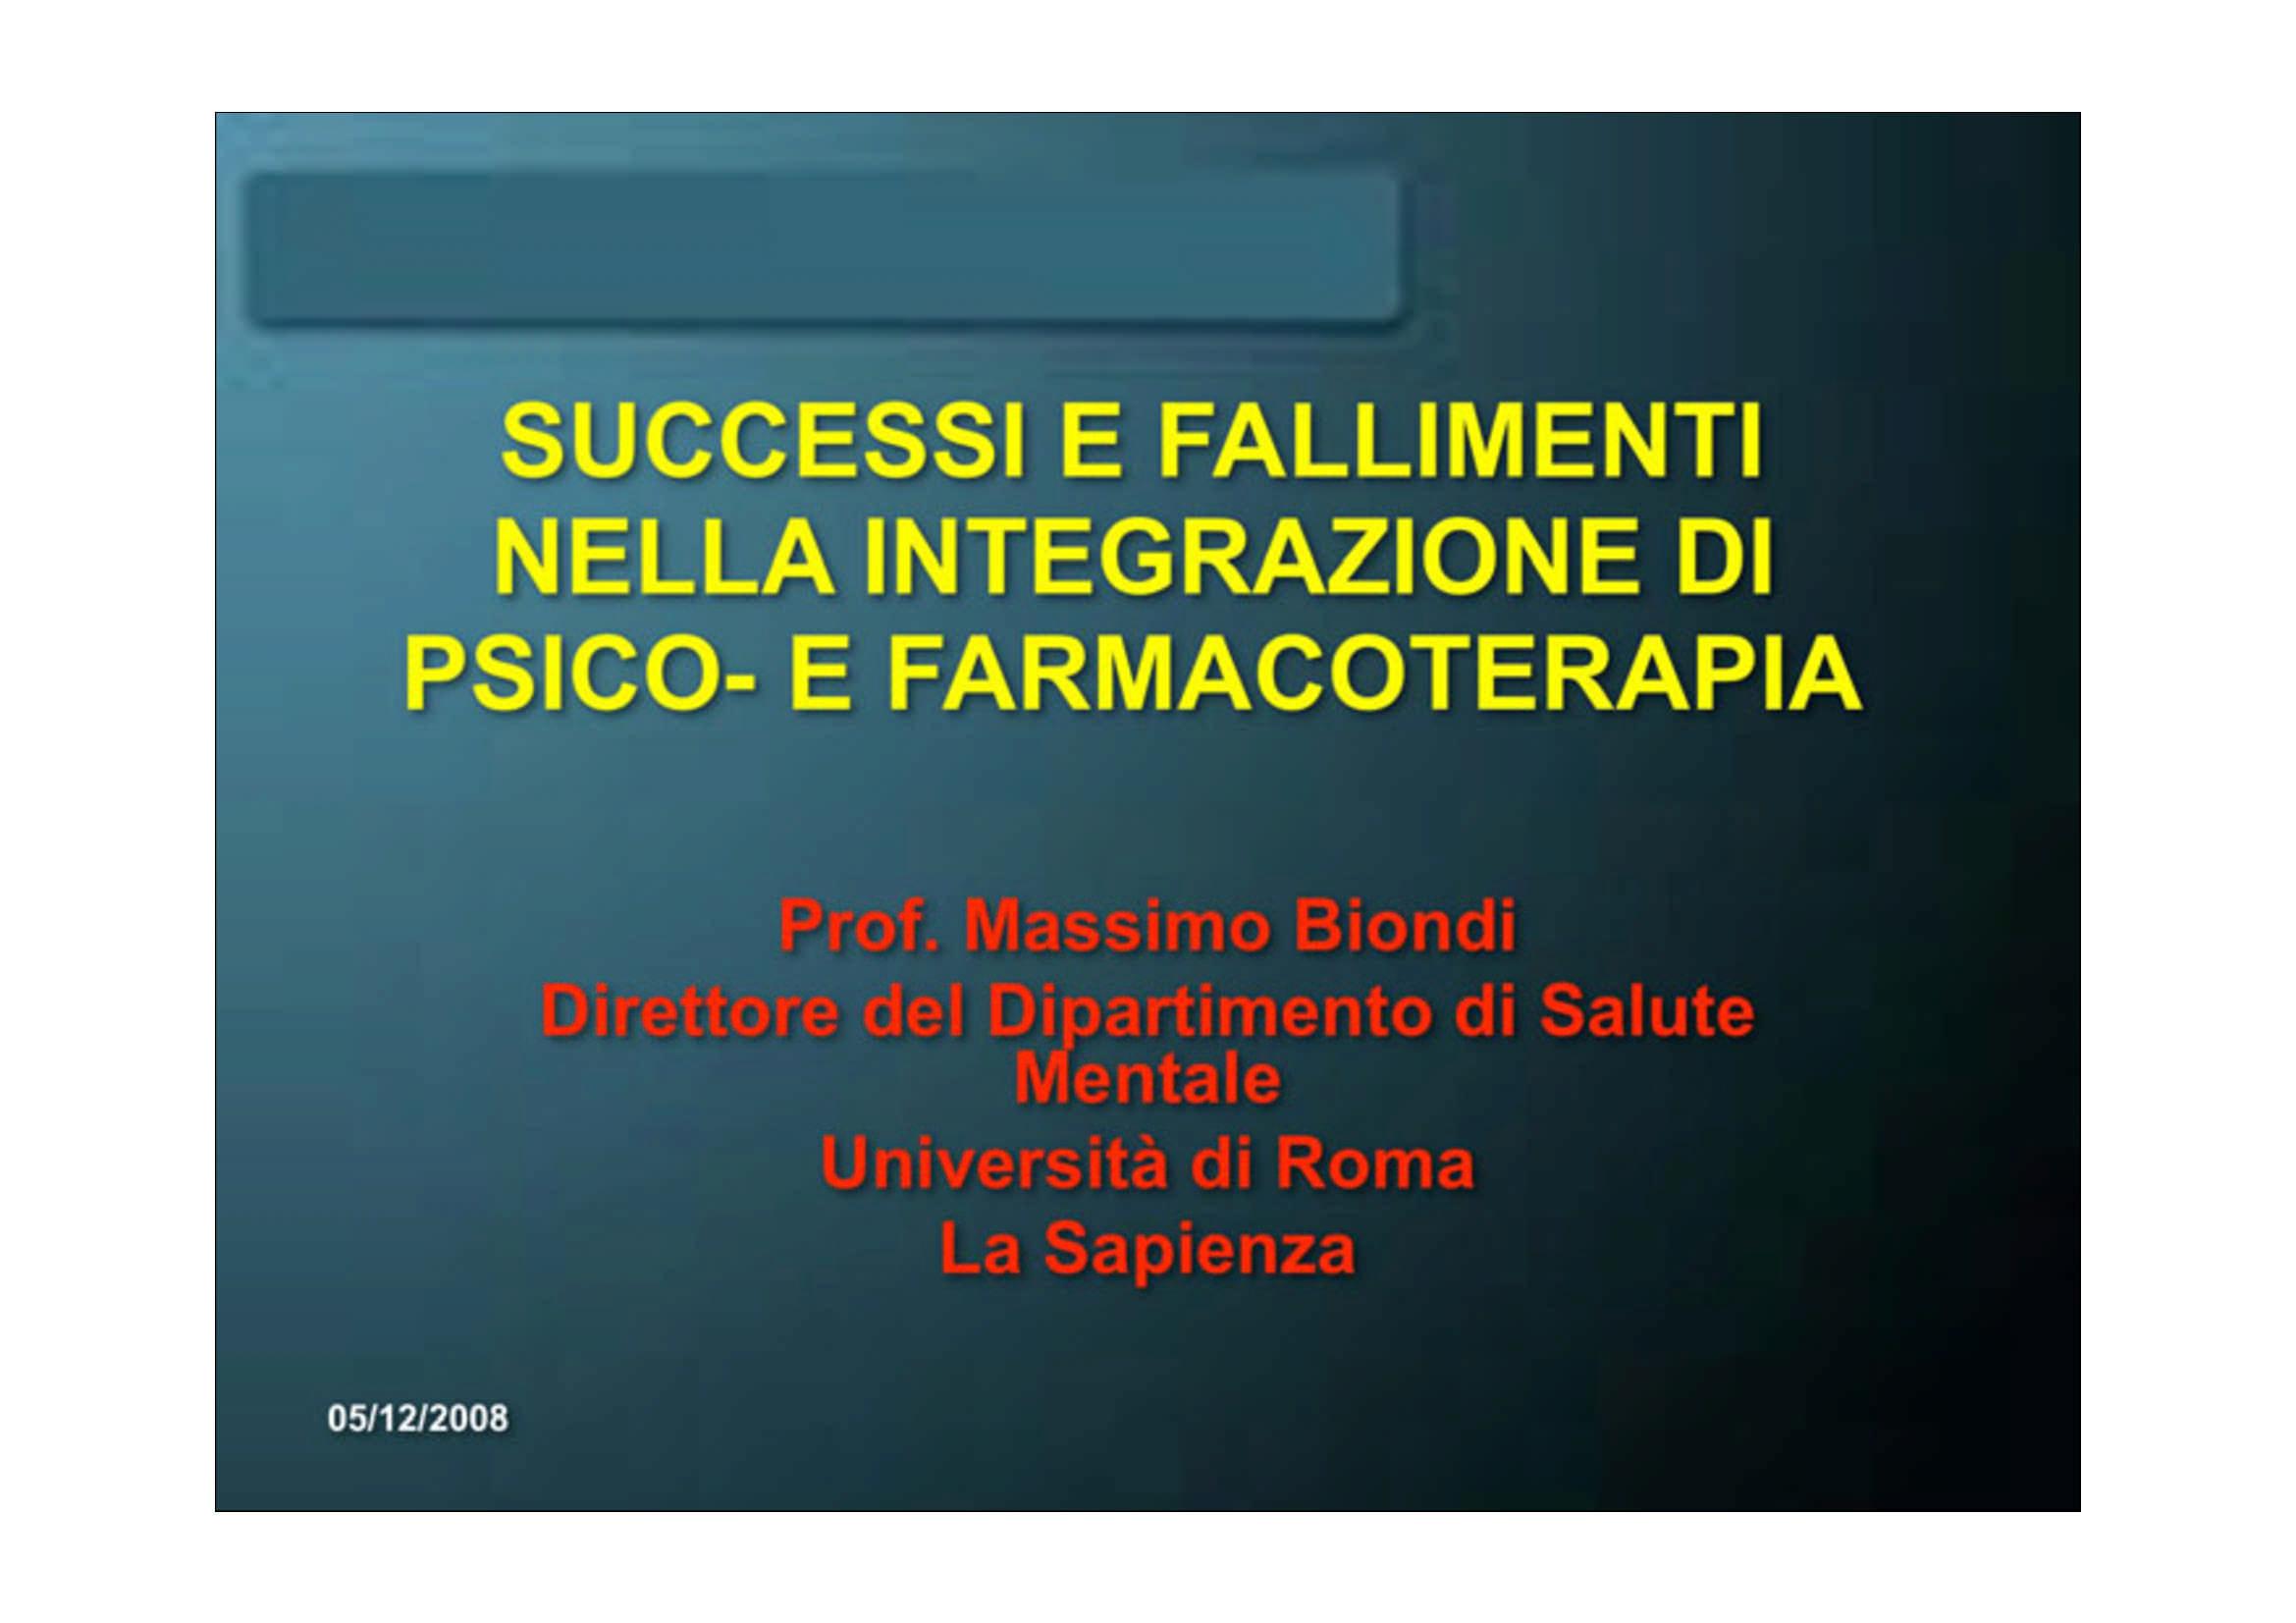 Integrazione di psicoterapia e farmacoterapia